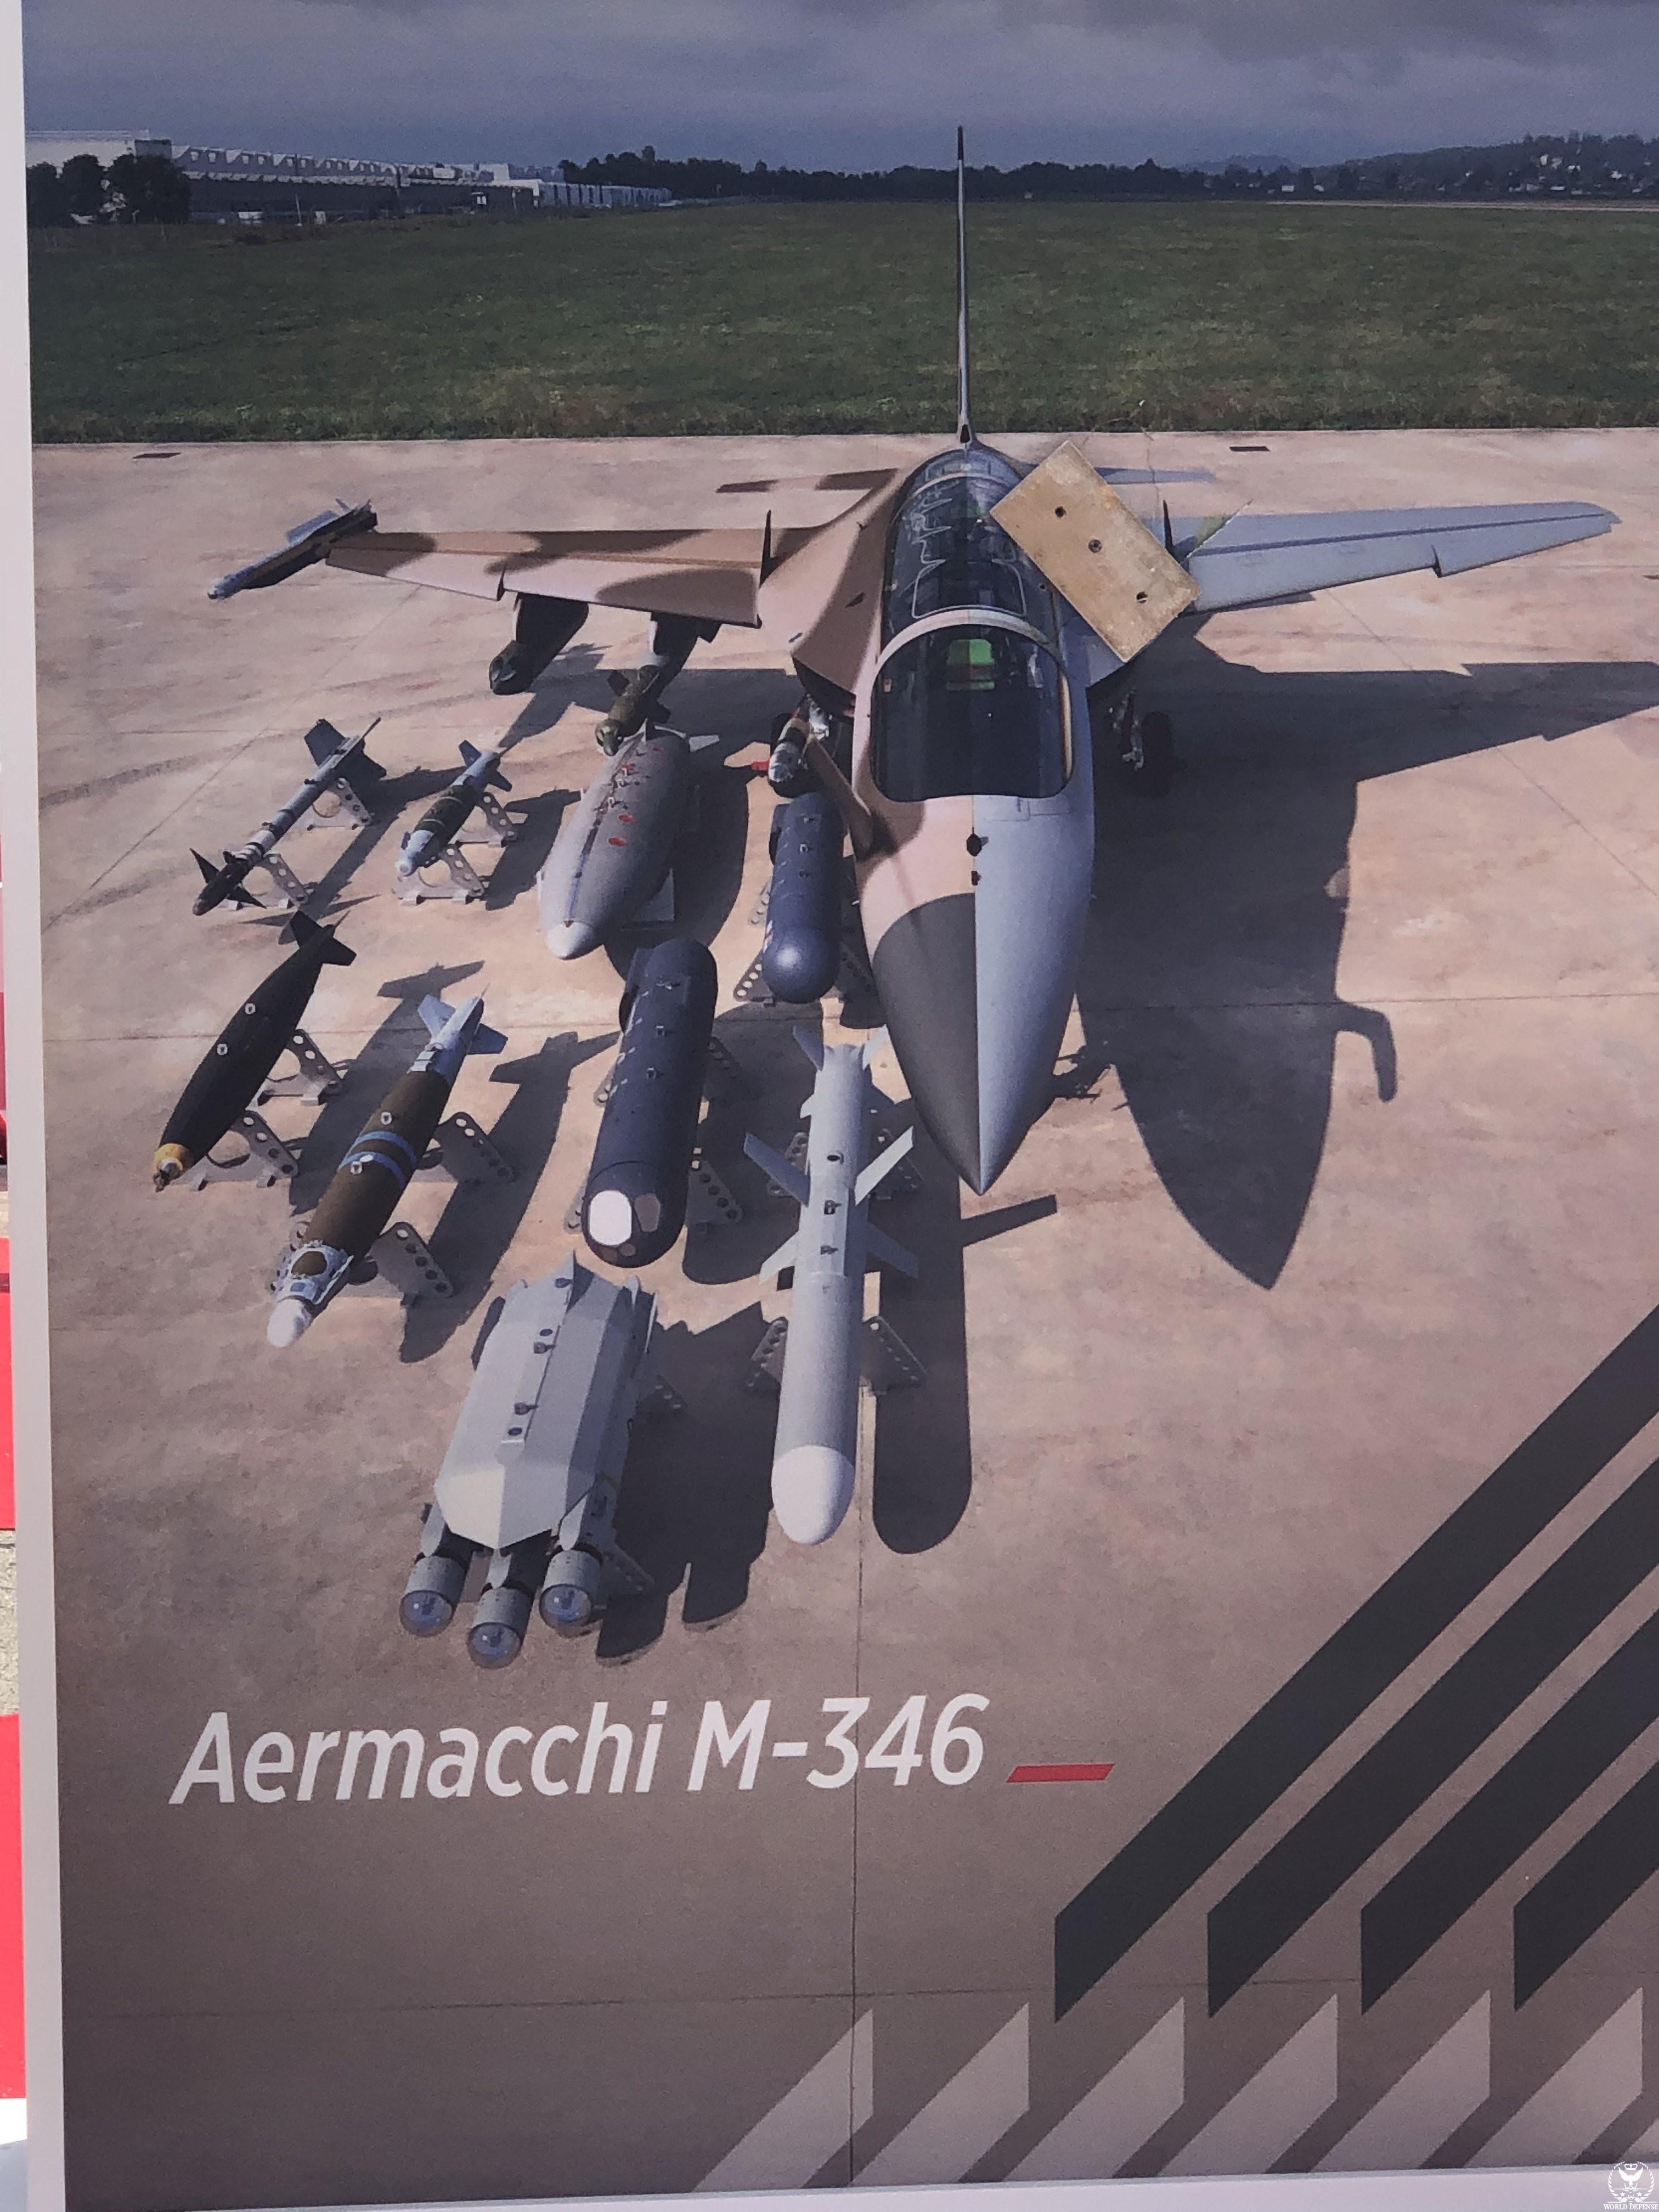 6FD03C96-176D-47D5-AAFF-516EEFC9B79F.jpeg